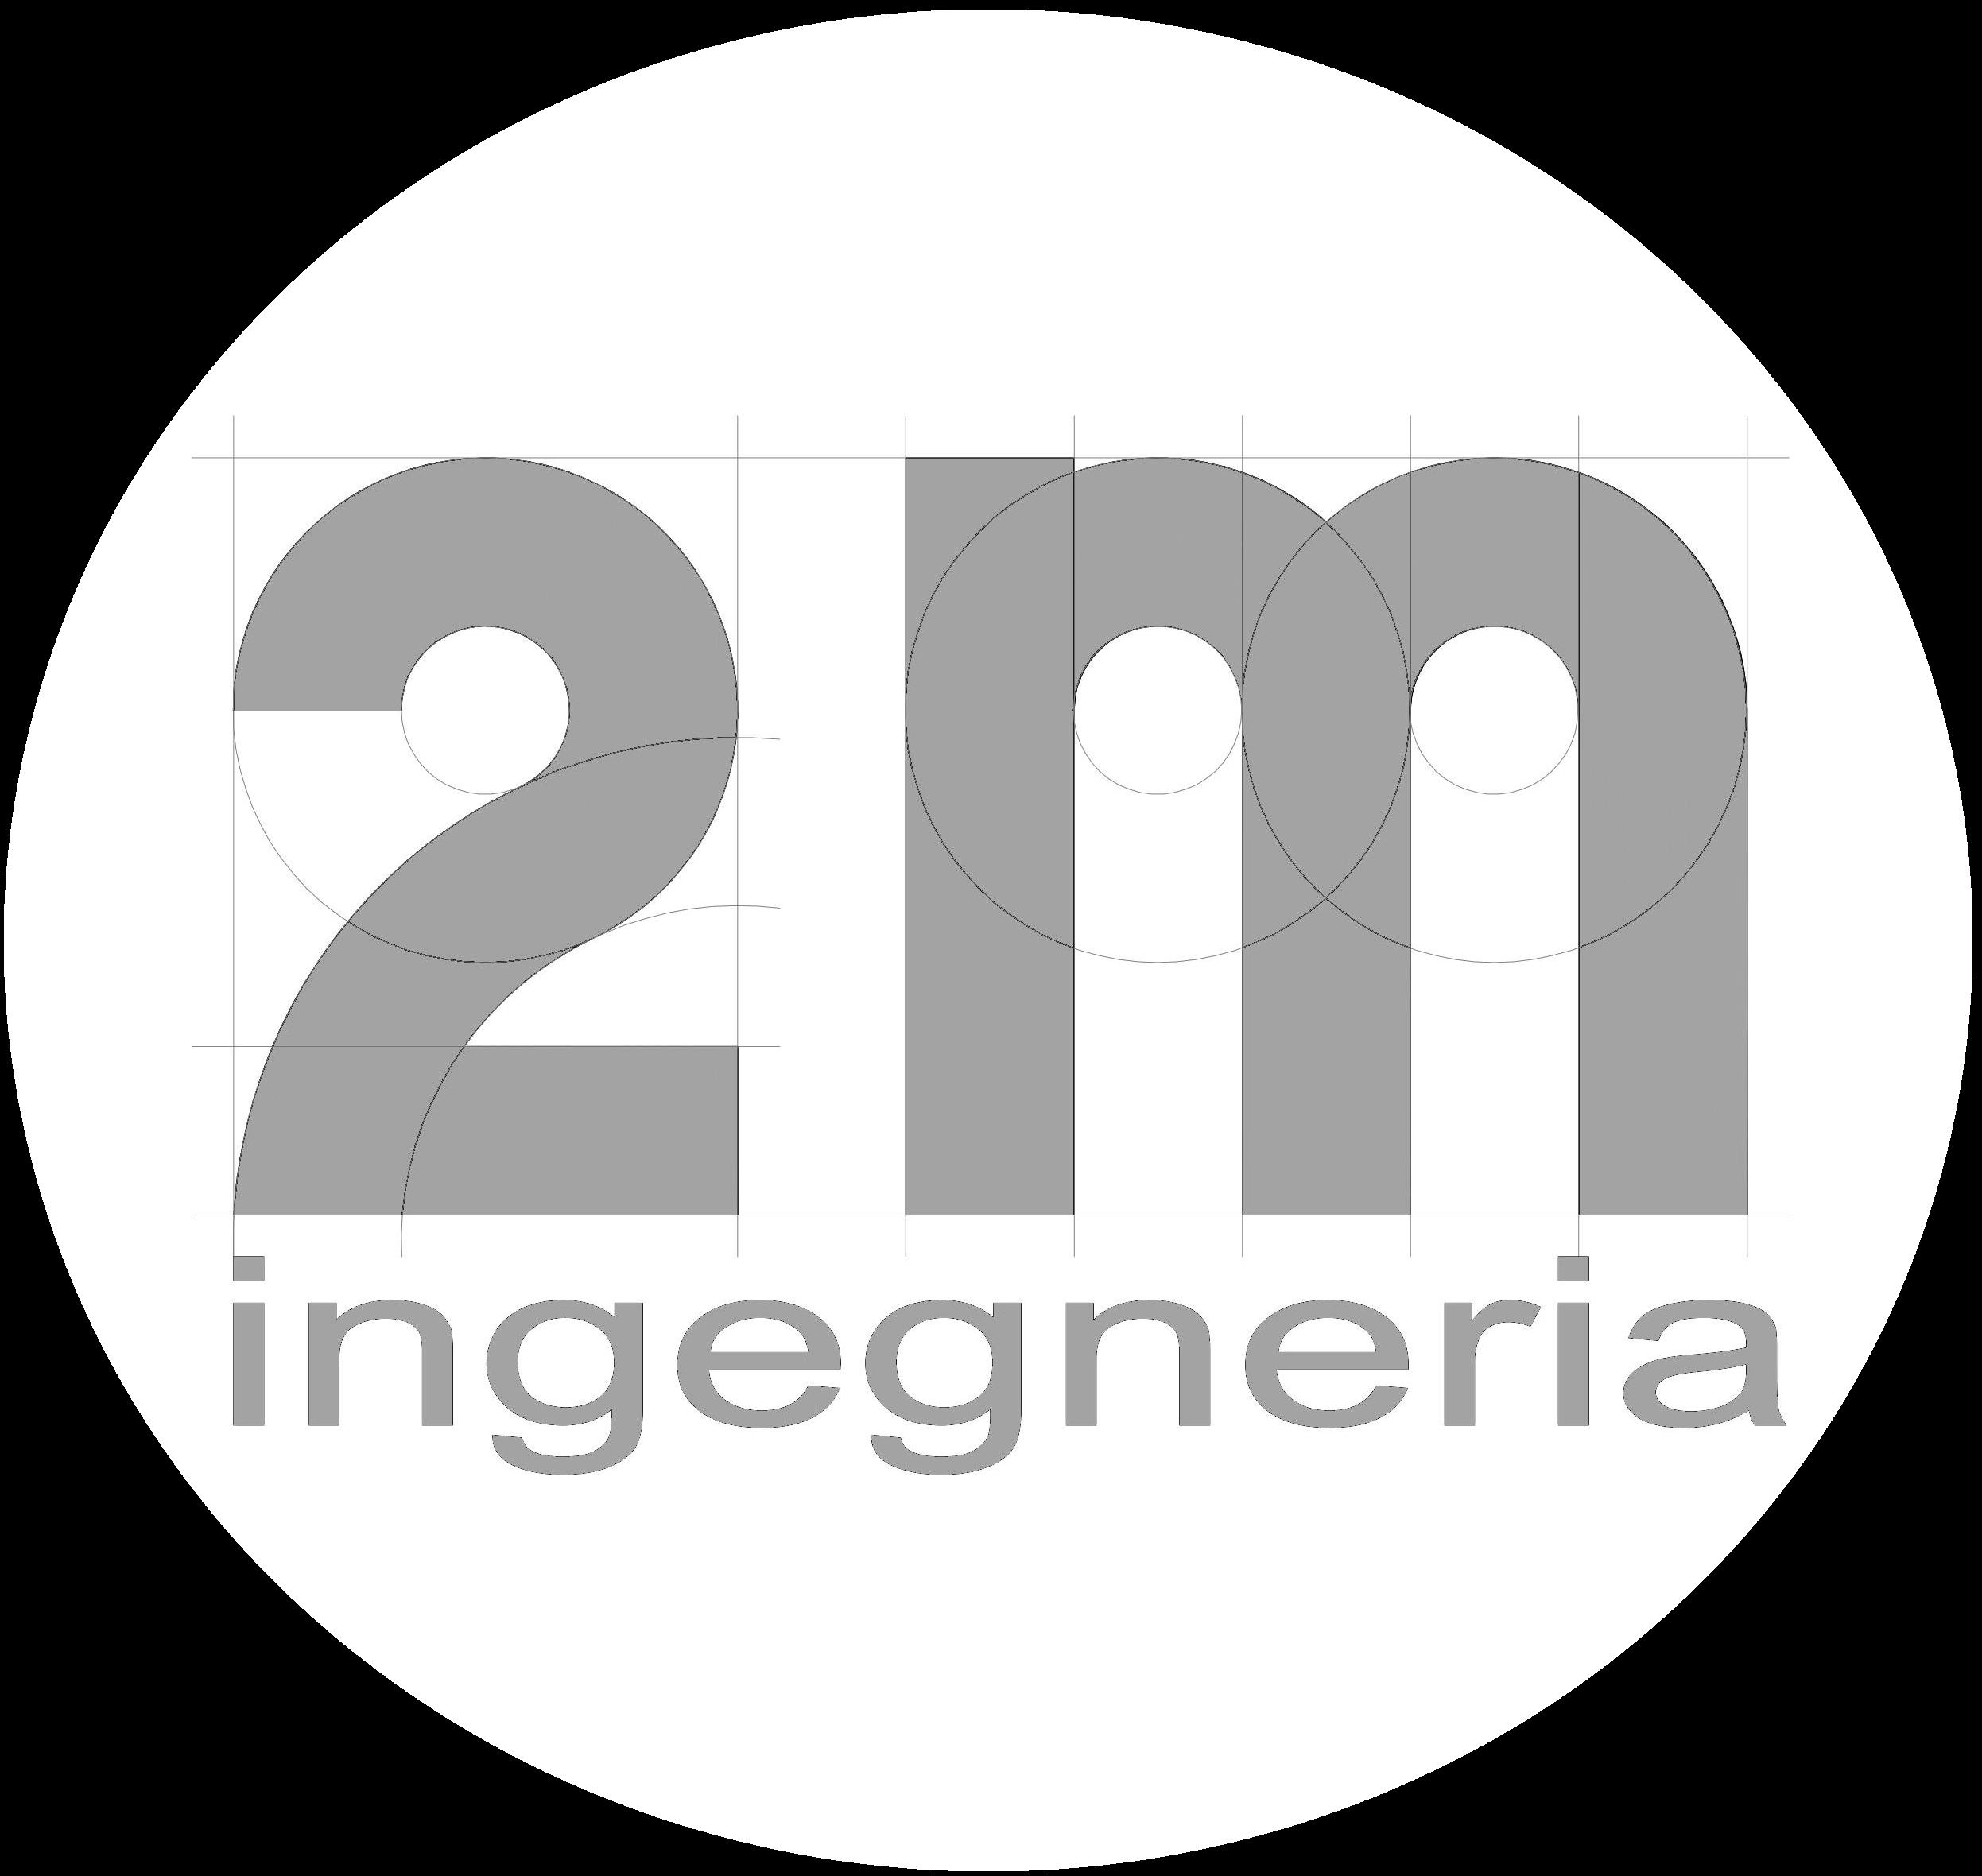 2M Ingegneria Studio Associato